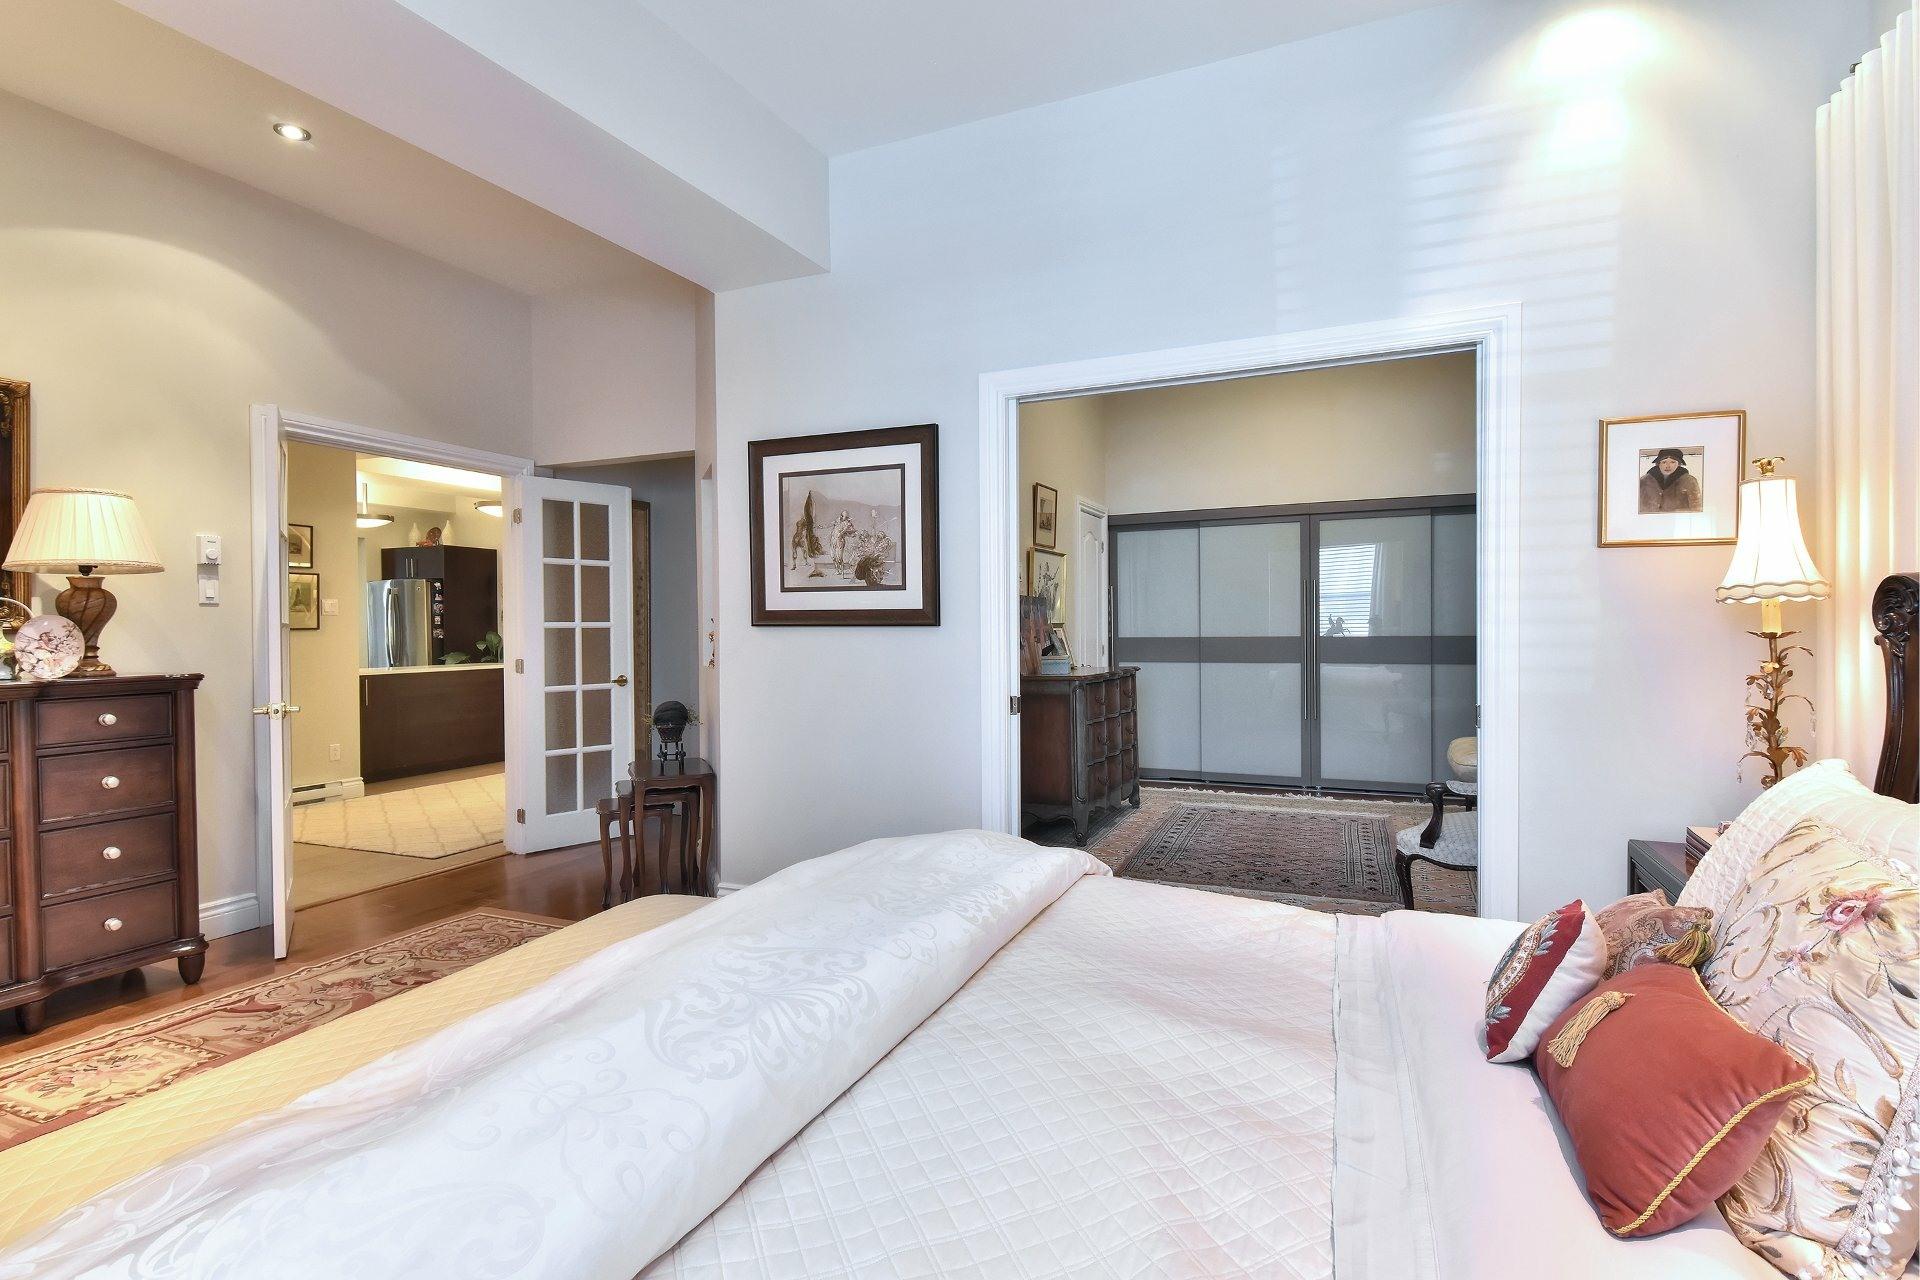 image 3 - Apartment For sale Côte-des-Neiges/Notre-Dame-de-Grâce Montréal  - 5 rooms